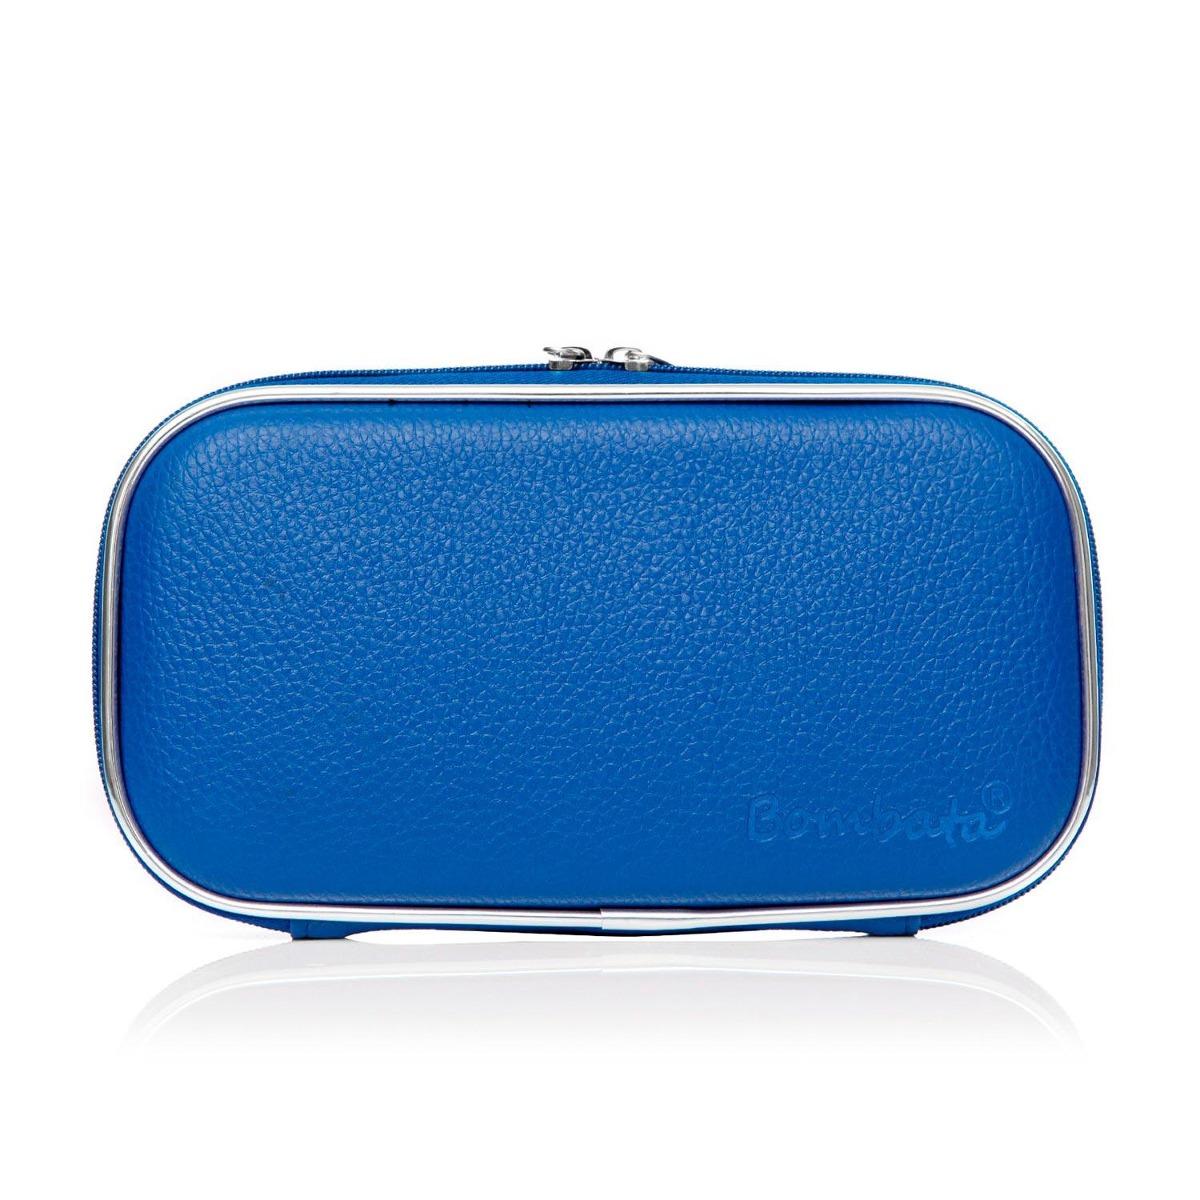 7065d6ea0 Travel Wallet Azul Brillante - $ 20.732 en Mercado Libre